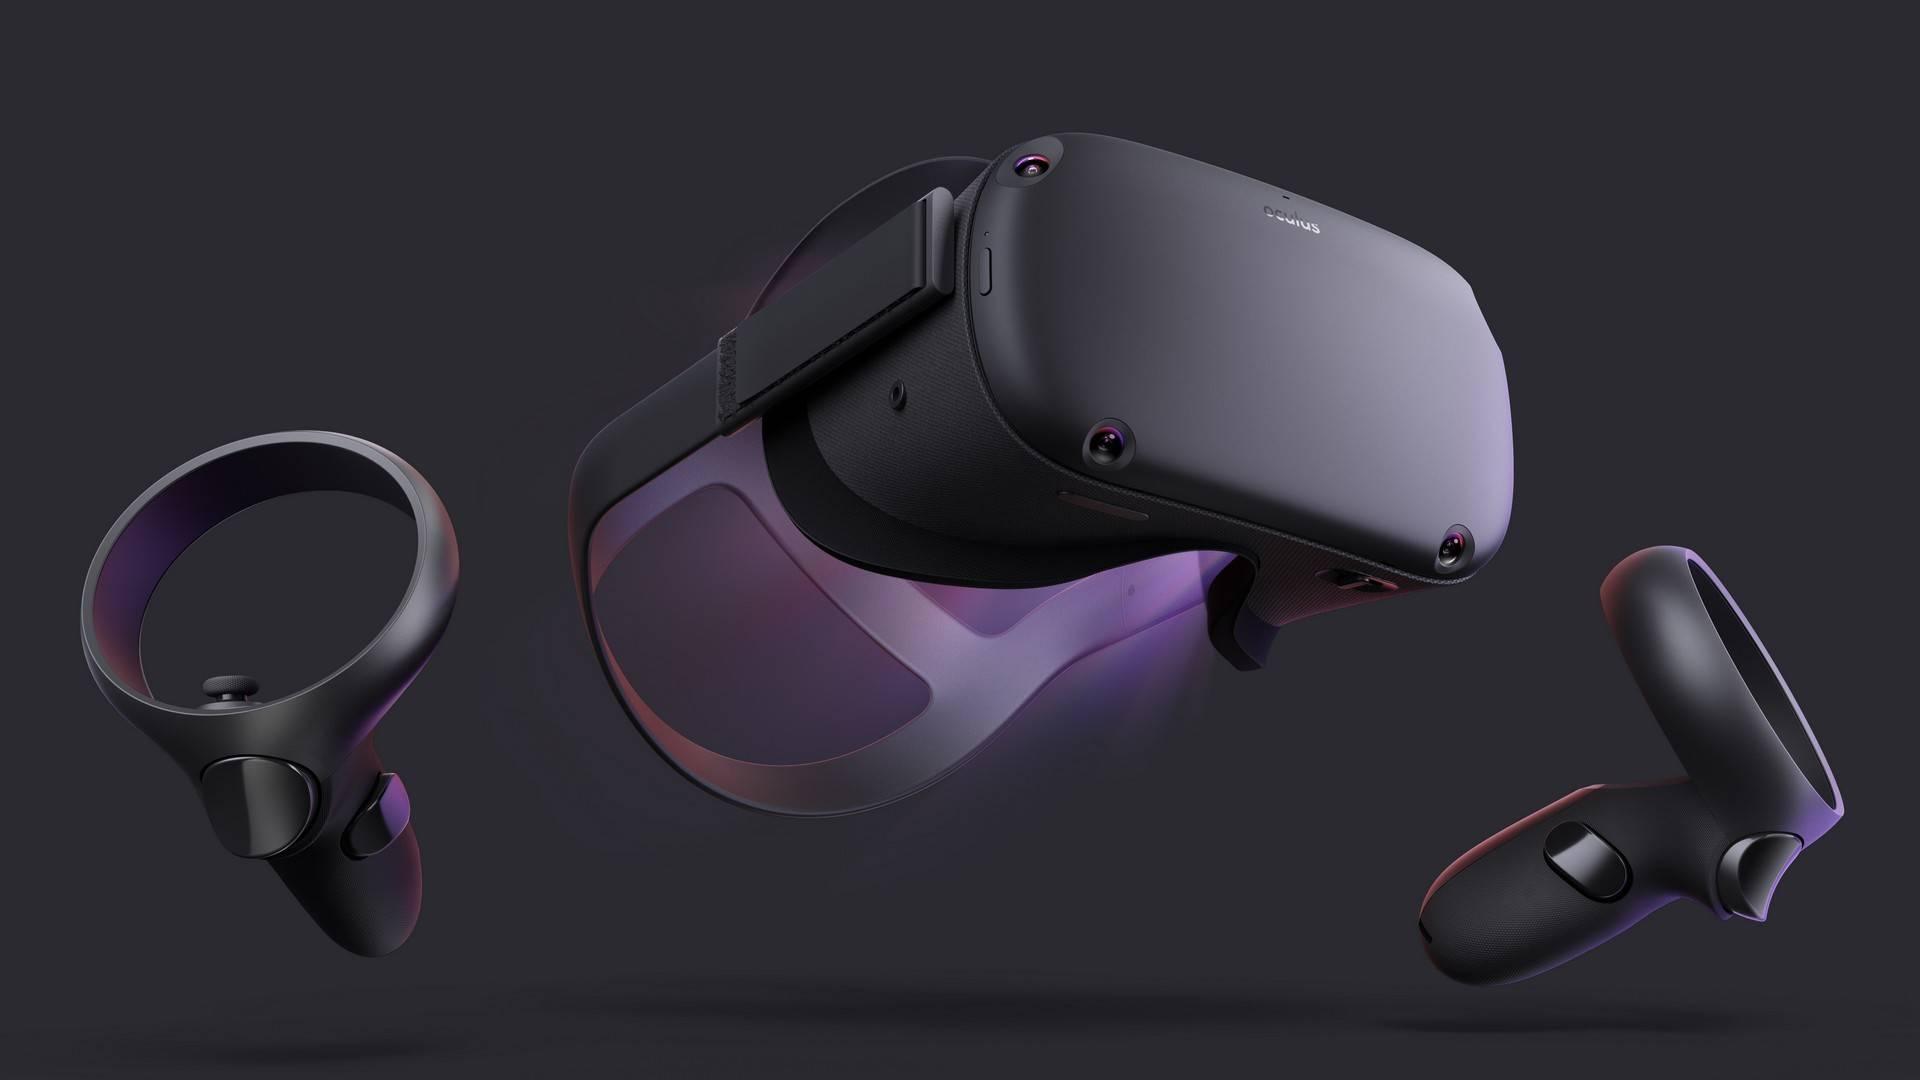 Oculus Rift + Quest